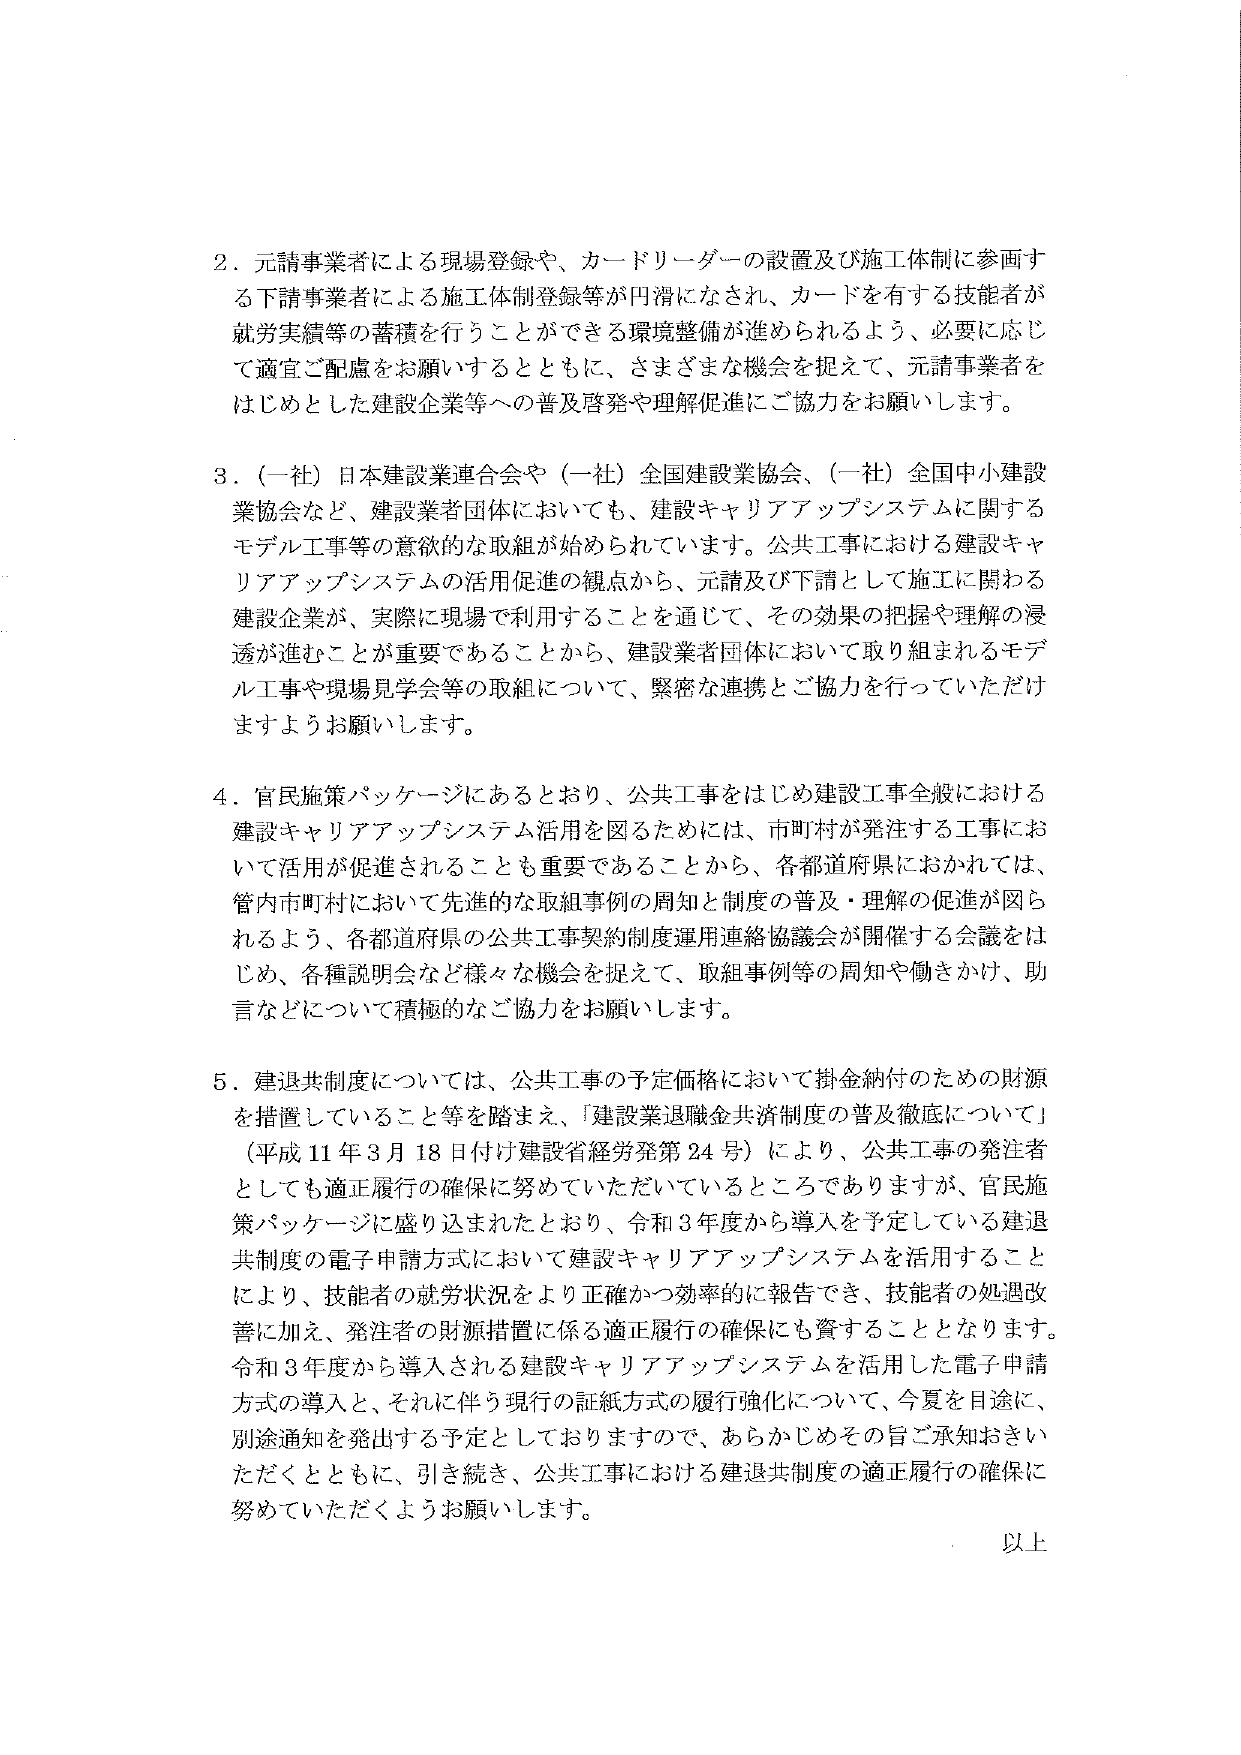 建設キャリアアップシステム(CCUS)の活用促進等について_page-0005